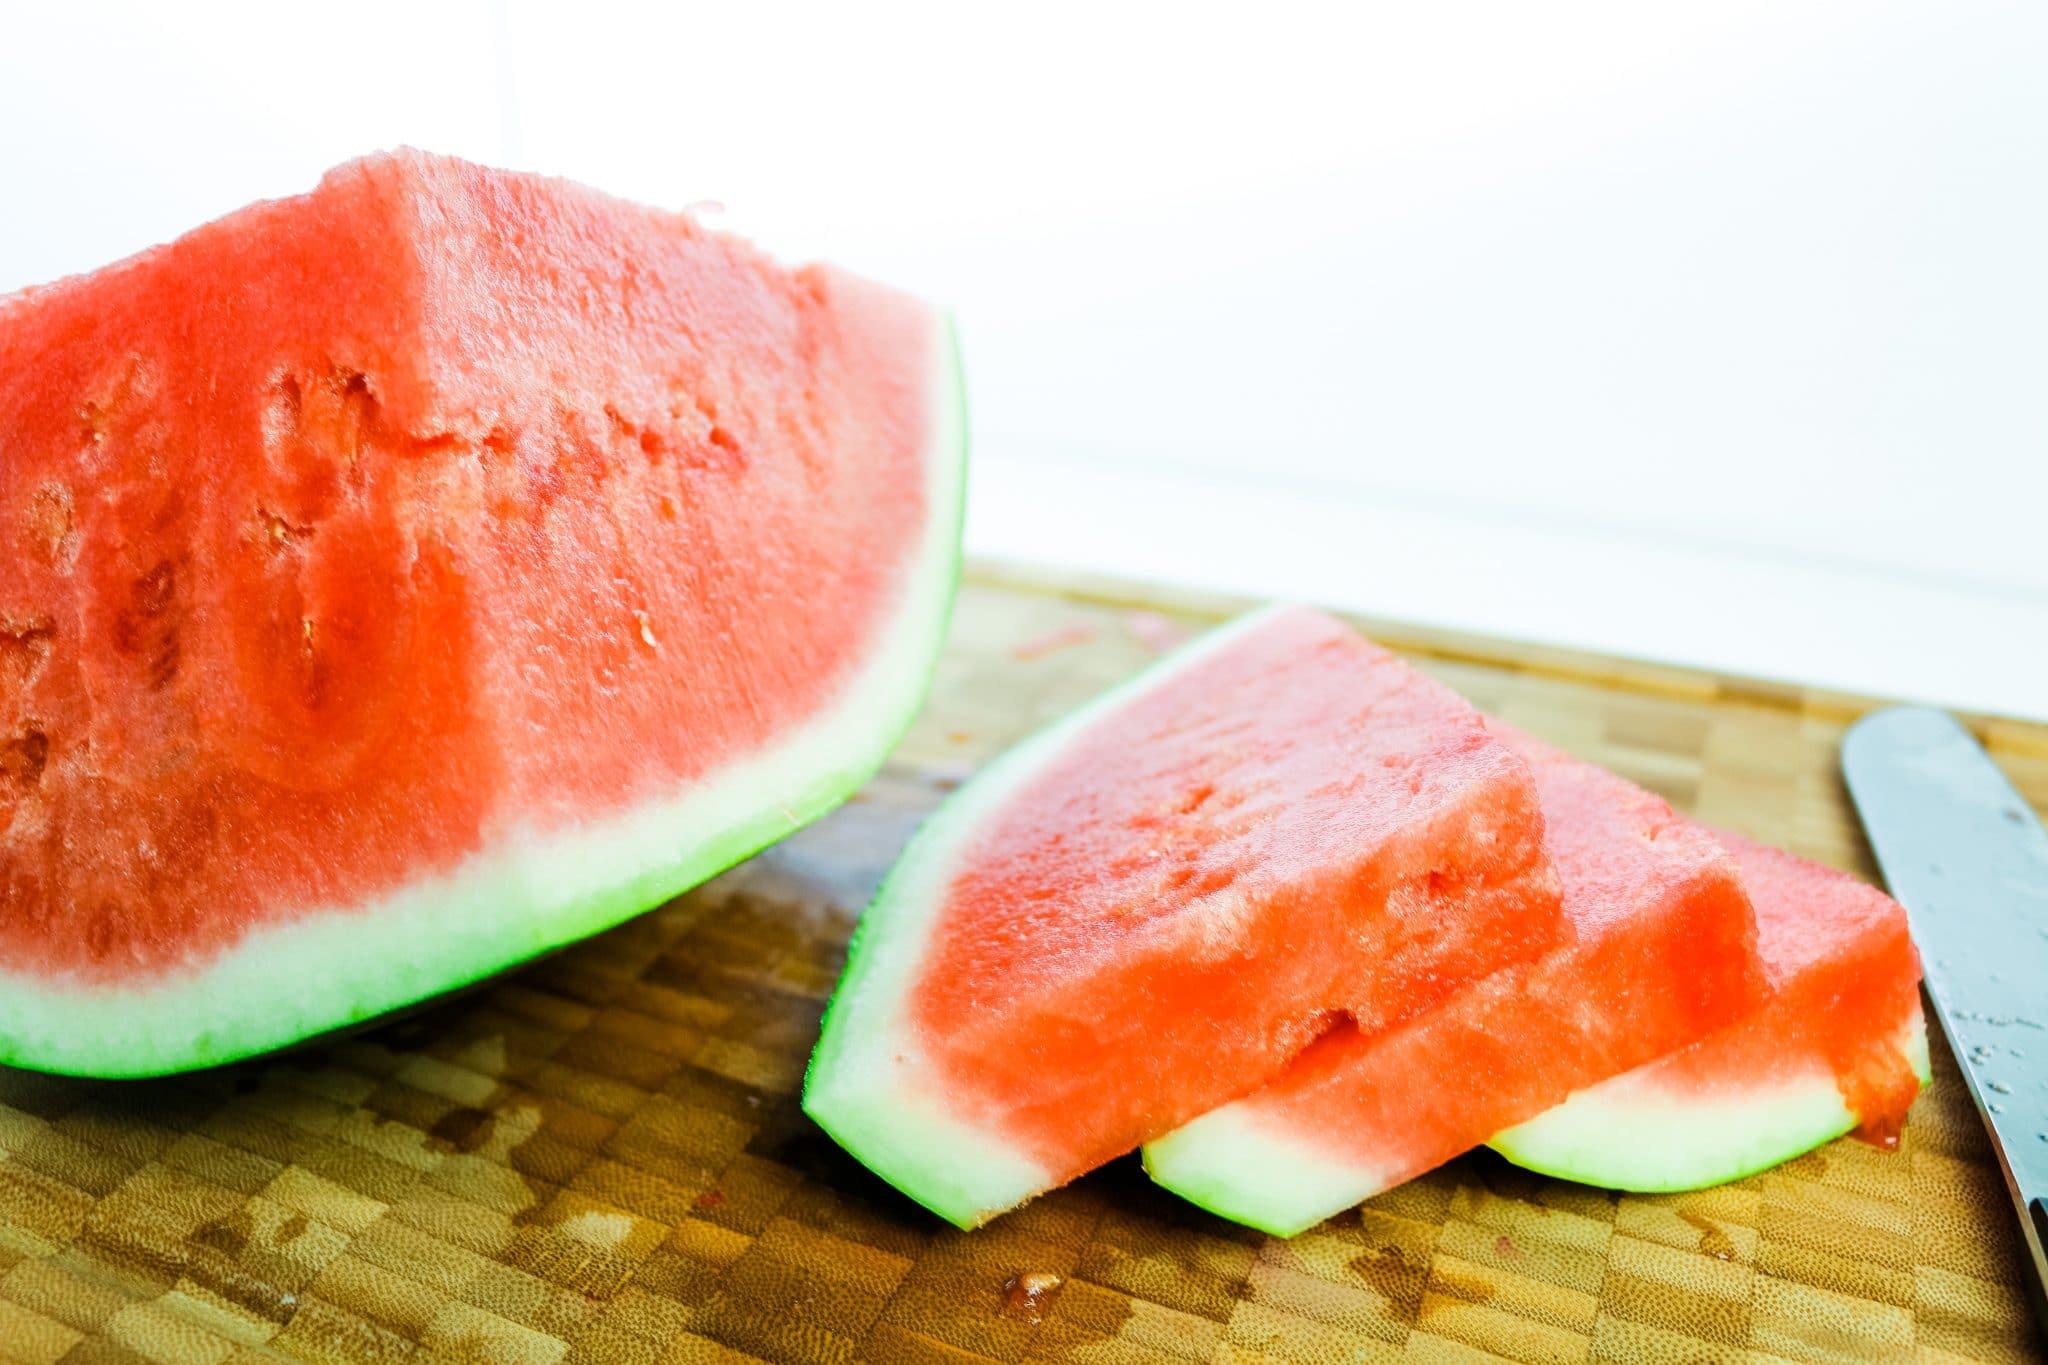 sliced watermelon on cutting board